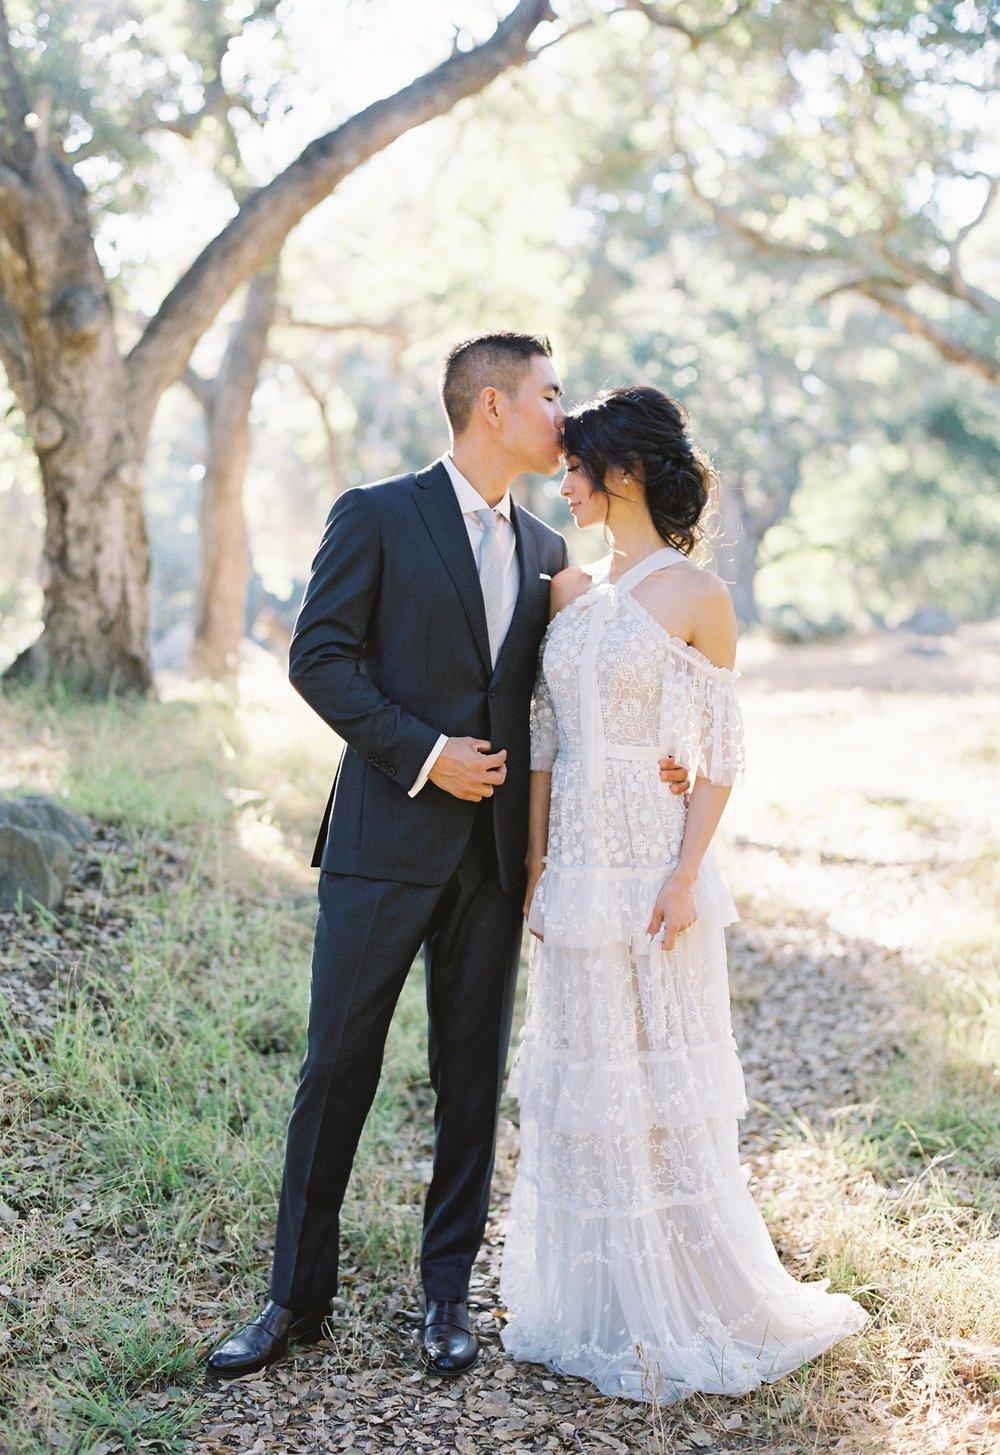 Santa-Barbara-Engagement-28-Jen-Huang-009920-R1-003.jpg